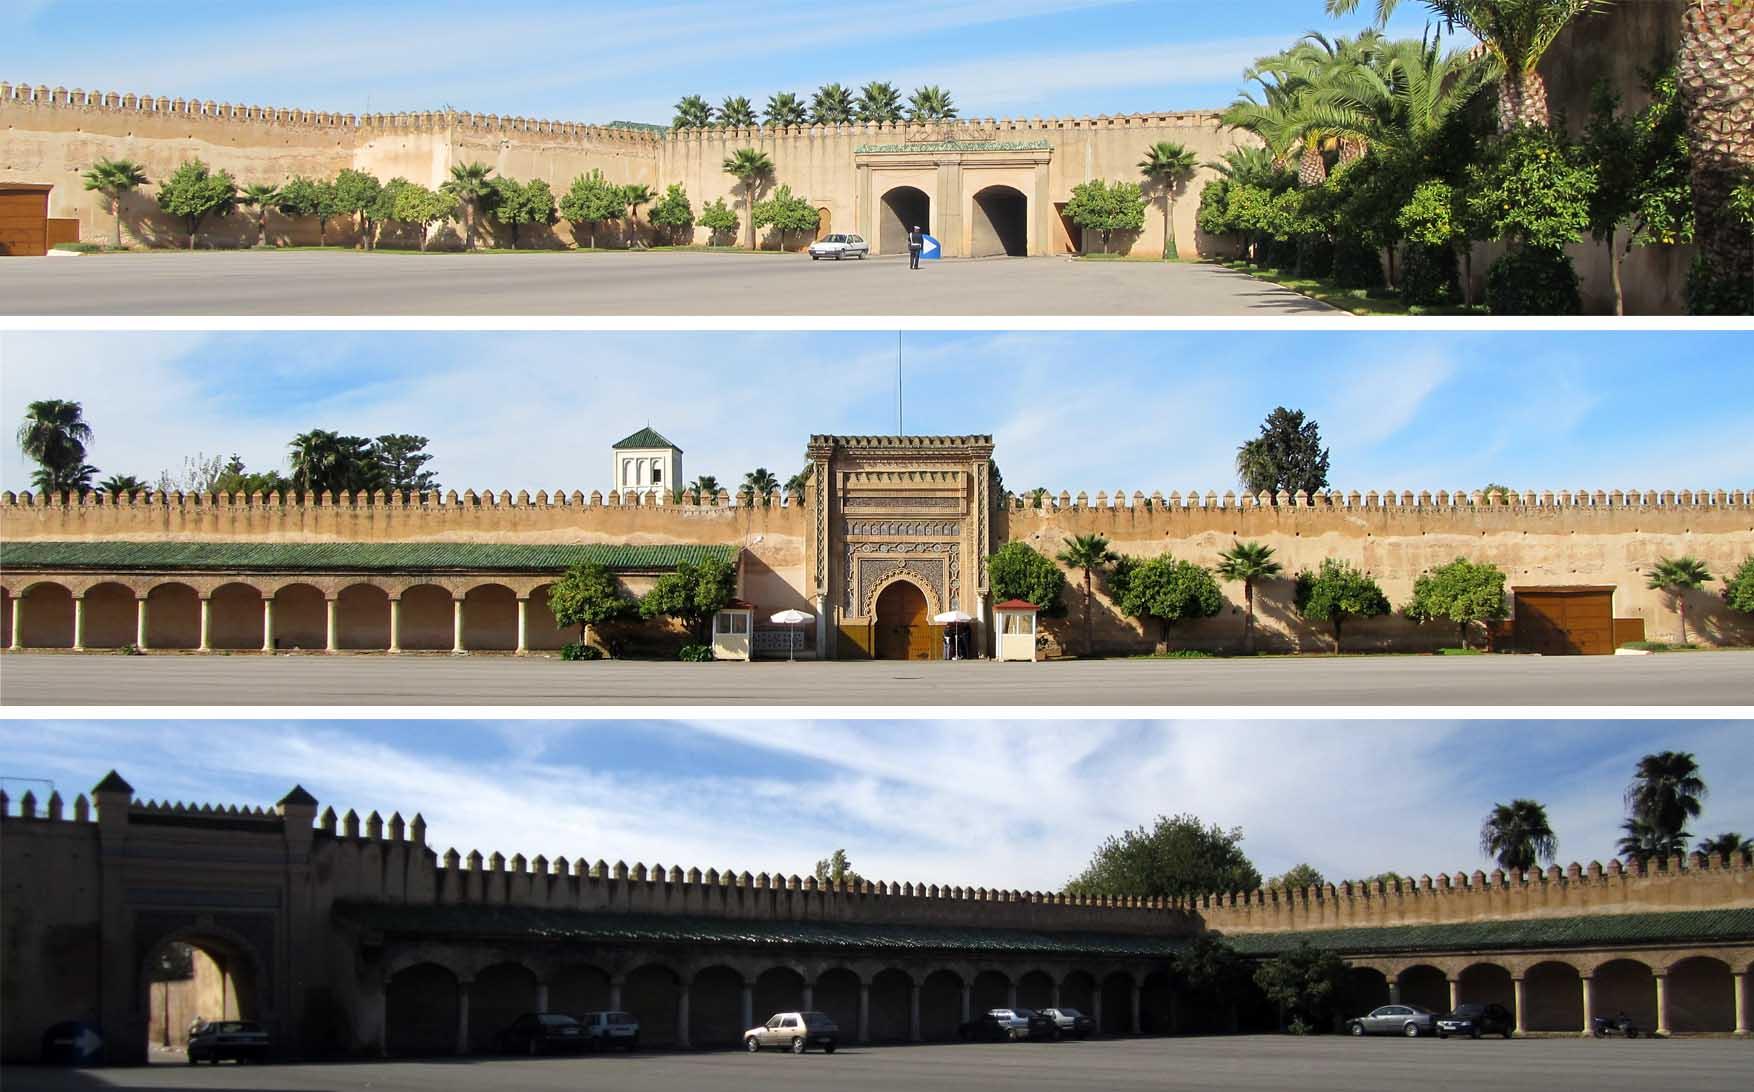 151 maroko meknes uz zidine ka kraljevskoj konjusnici